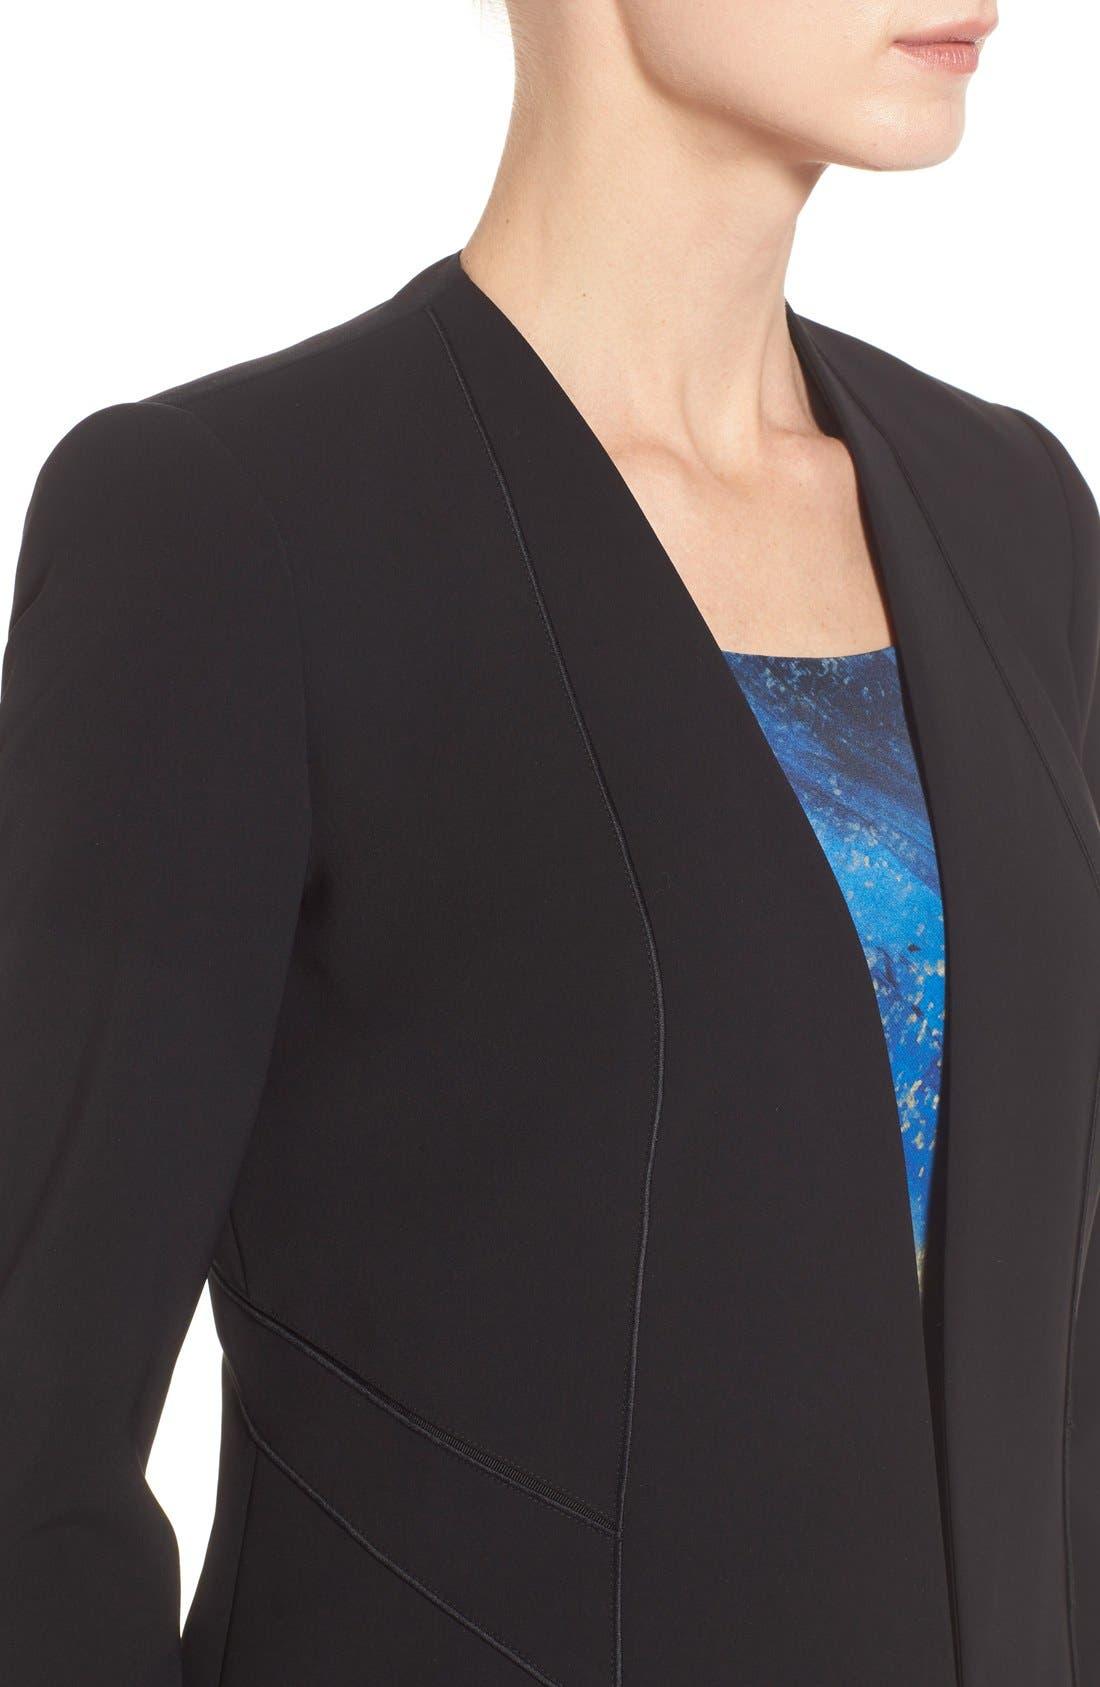 'Sukie' Sleek Tech Cloth Jacket,                             Alternate thumbnail 4, color,                             001